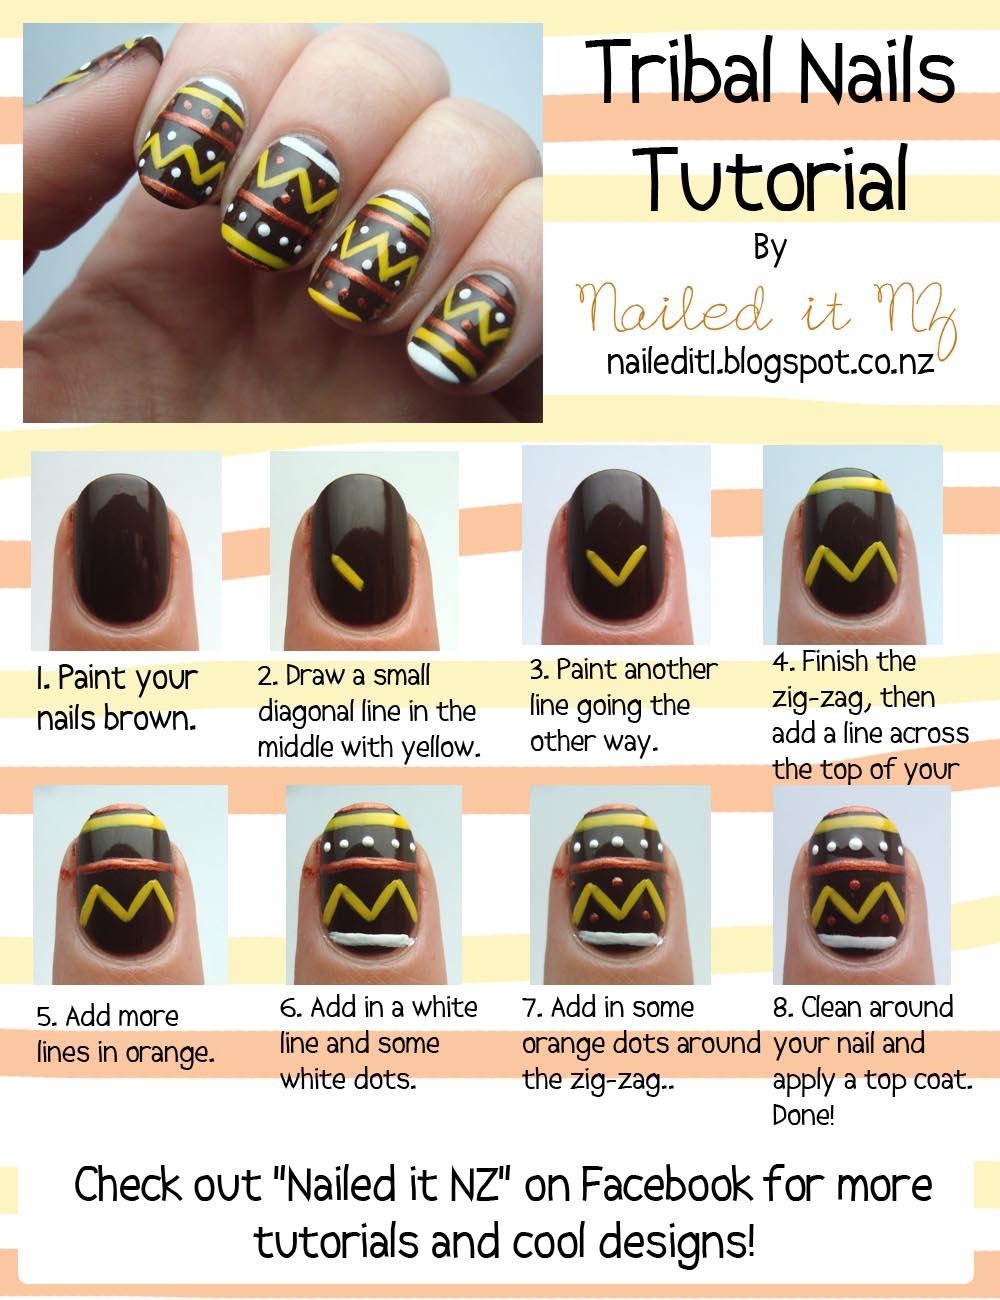 Nail art for short nails #7 - Tribal nails